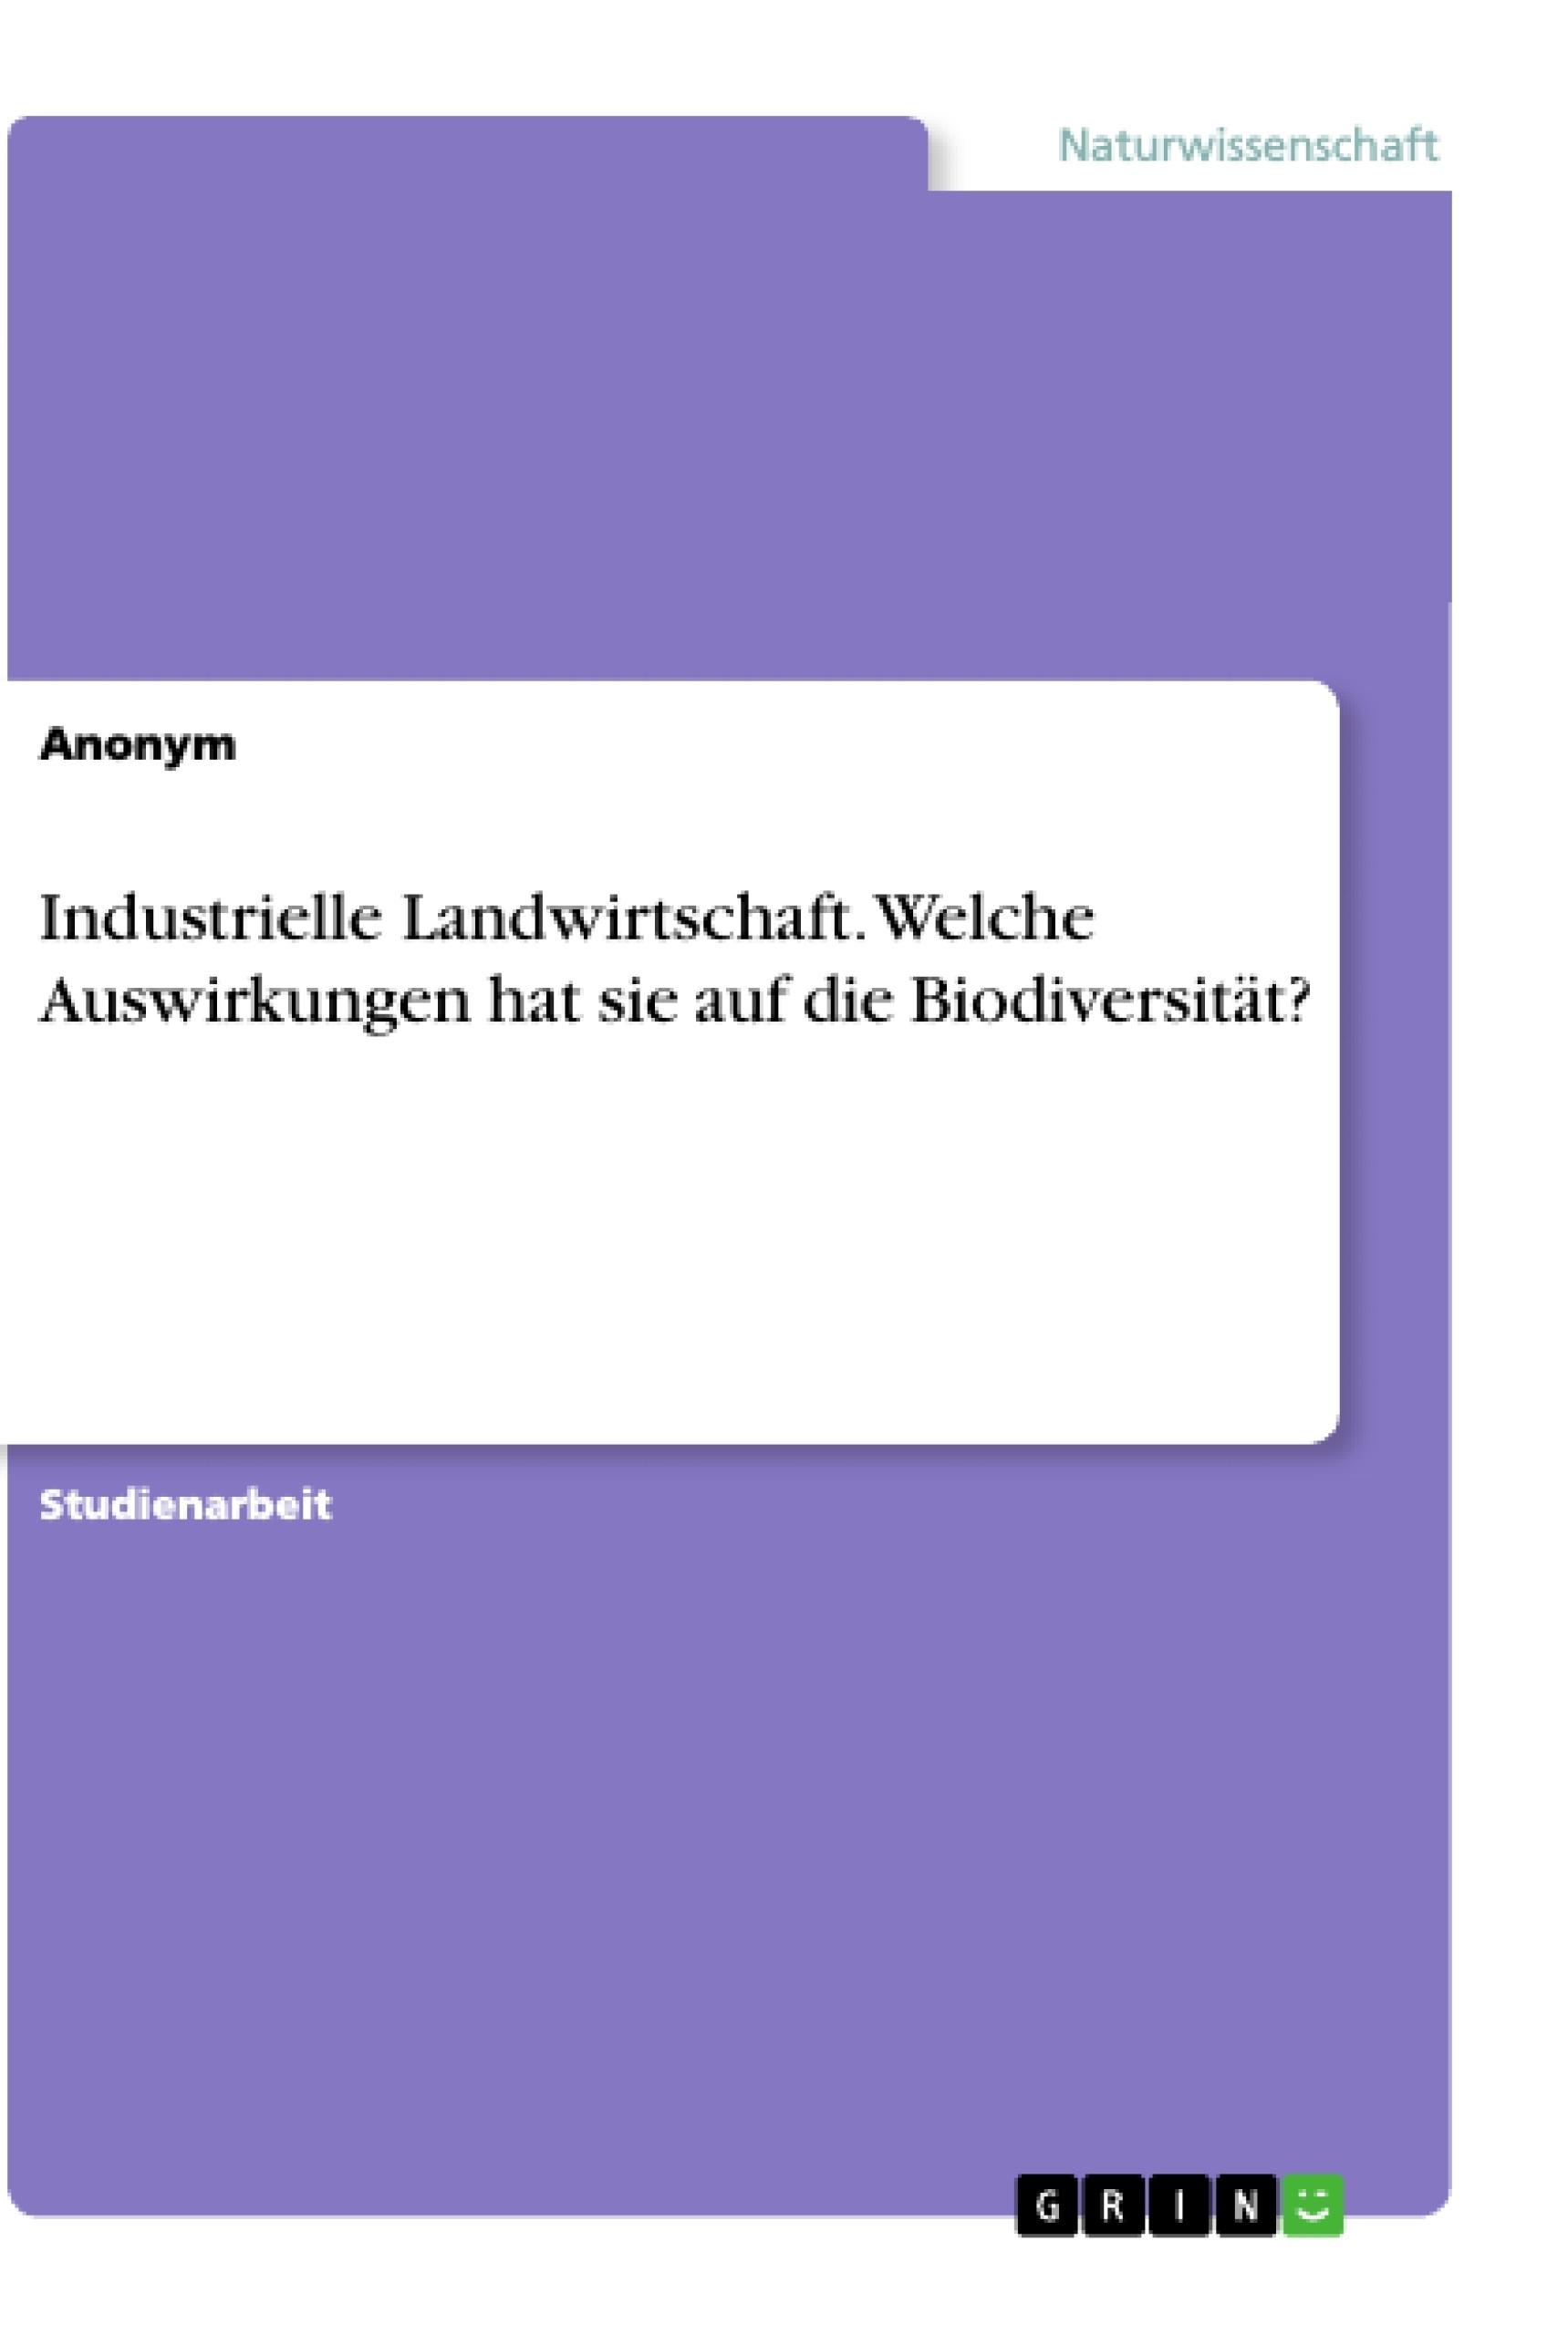 Titel: Industrielle Landwirtschaft. Welche Auswirkungen hat sie auf die Biodiversität?